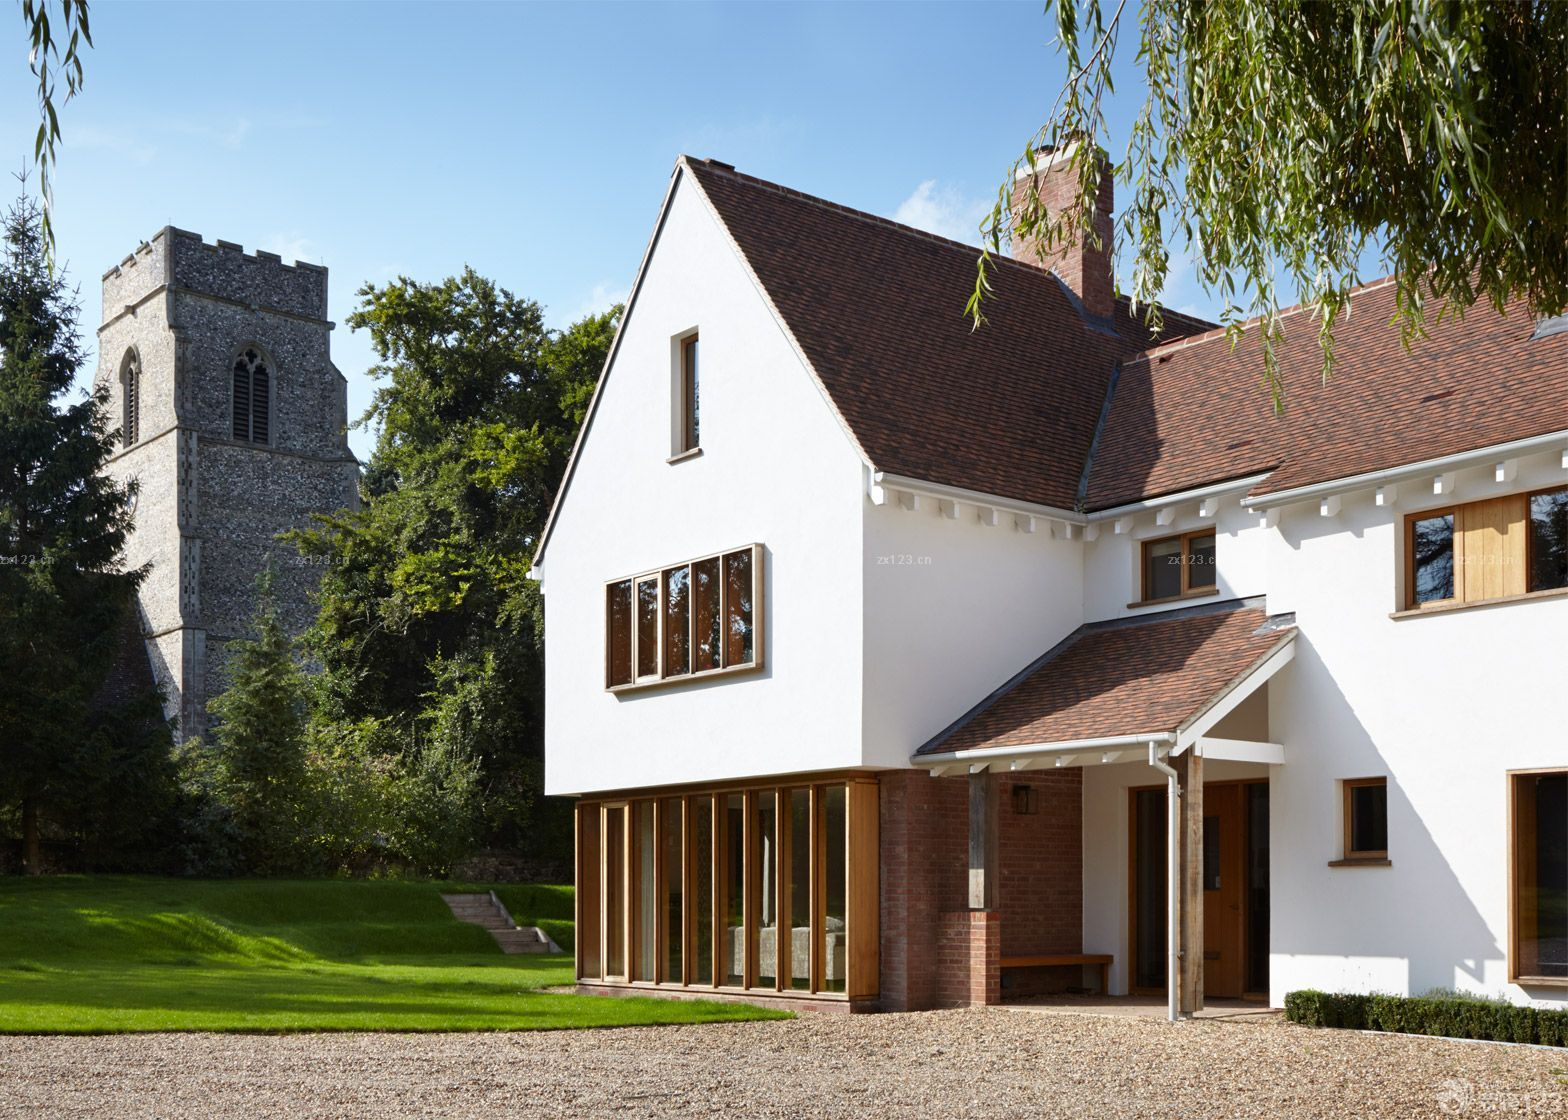 美式别墅外观阳台栏杆装修设计效果图片